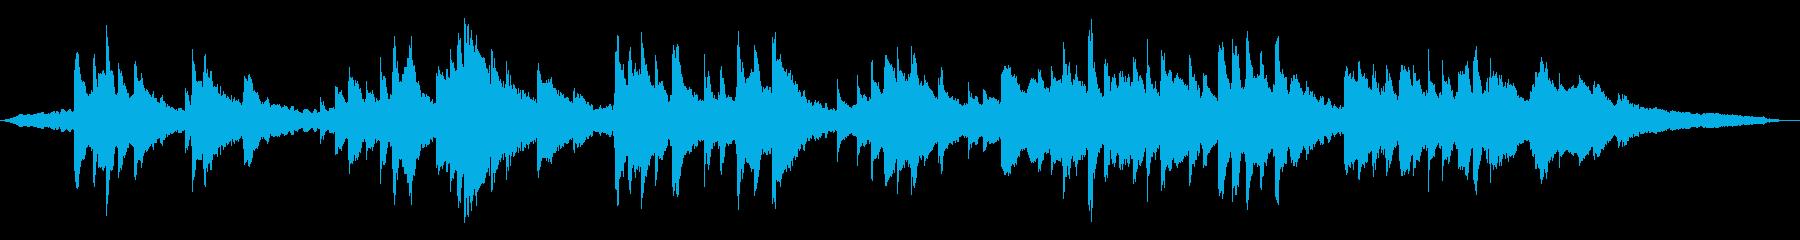 命をイメージした穏やかなピアノソロ60秒の再生済みの波形